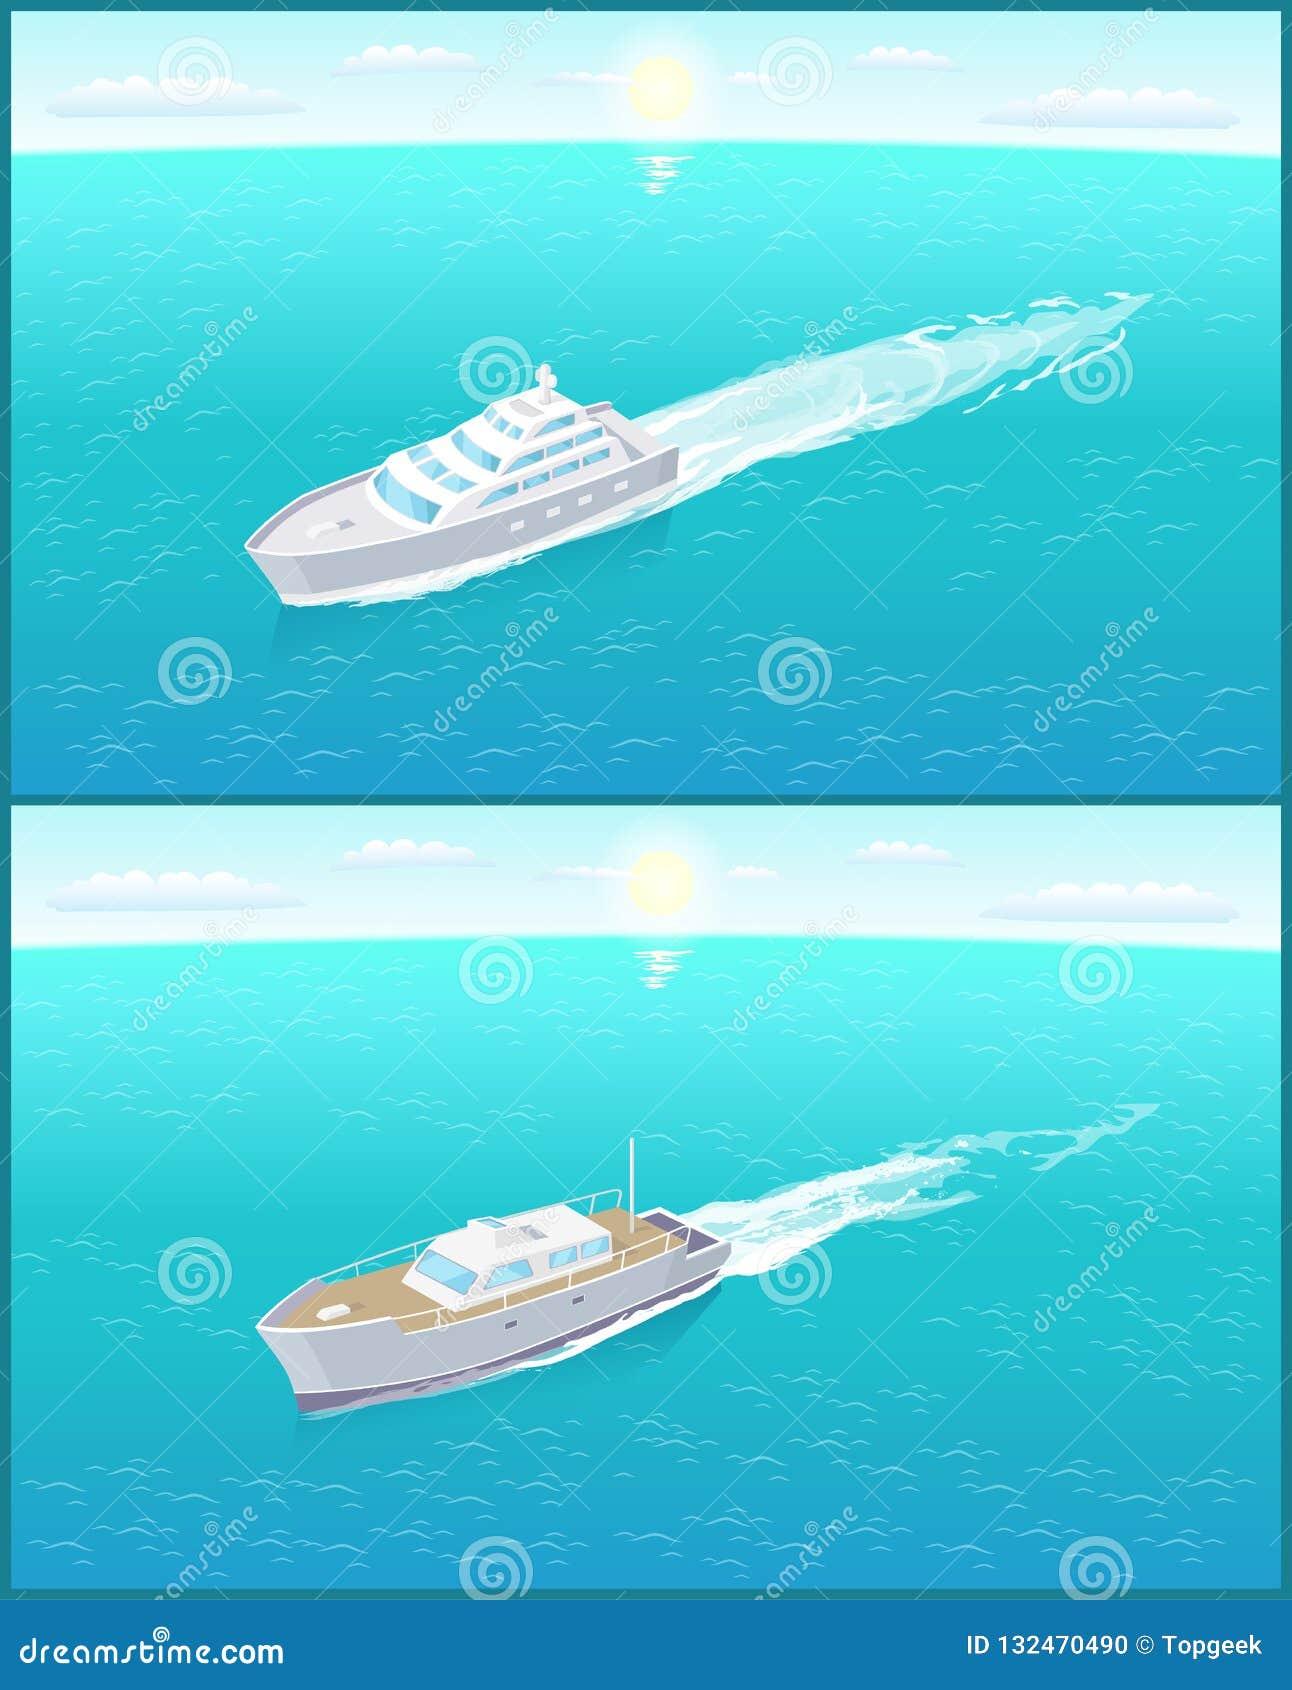 Σύγχρονα εικονίδια σκαφών γιοτ θαλάσσια ναυτικά προσωπικά